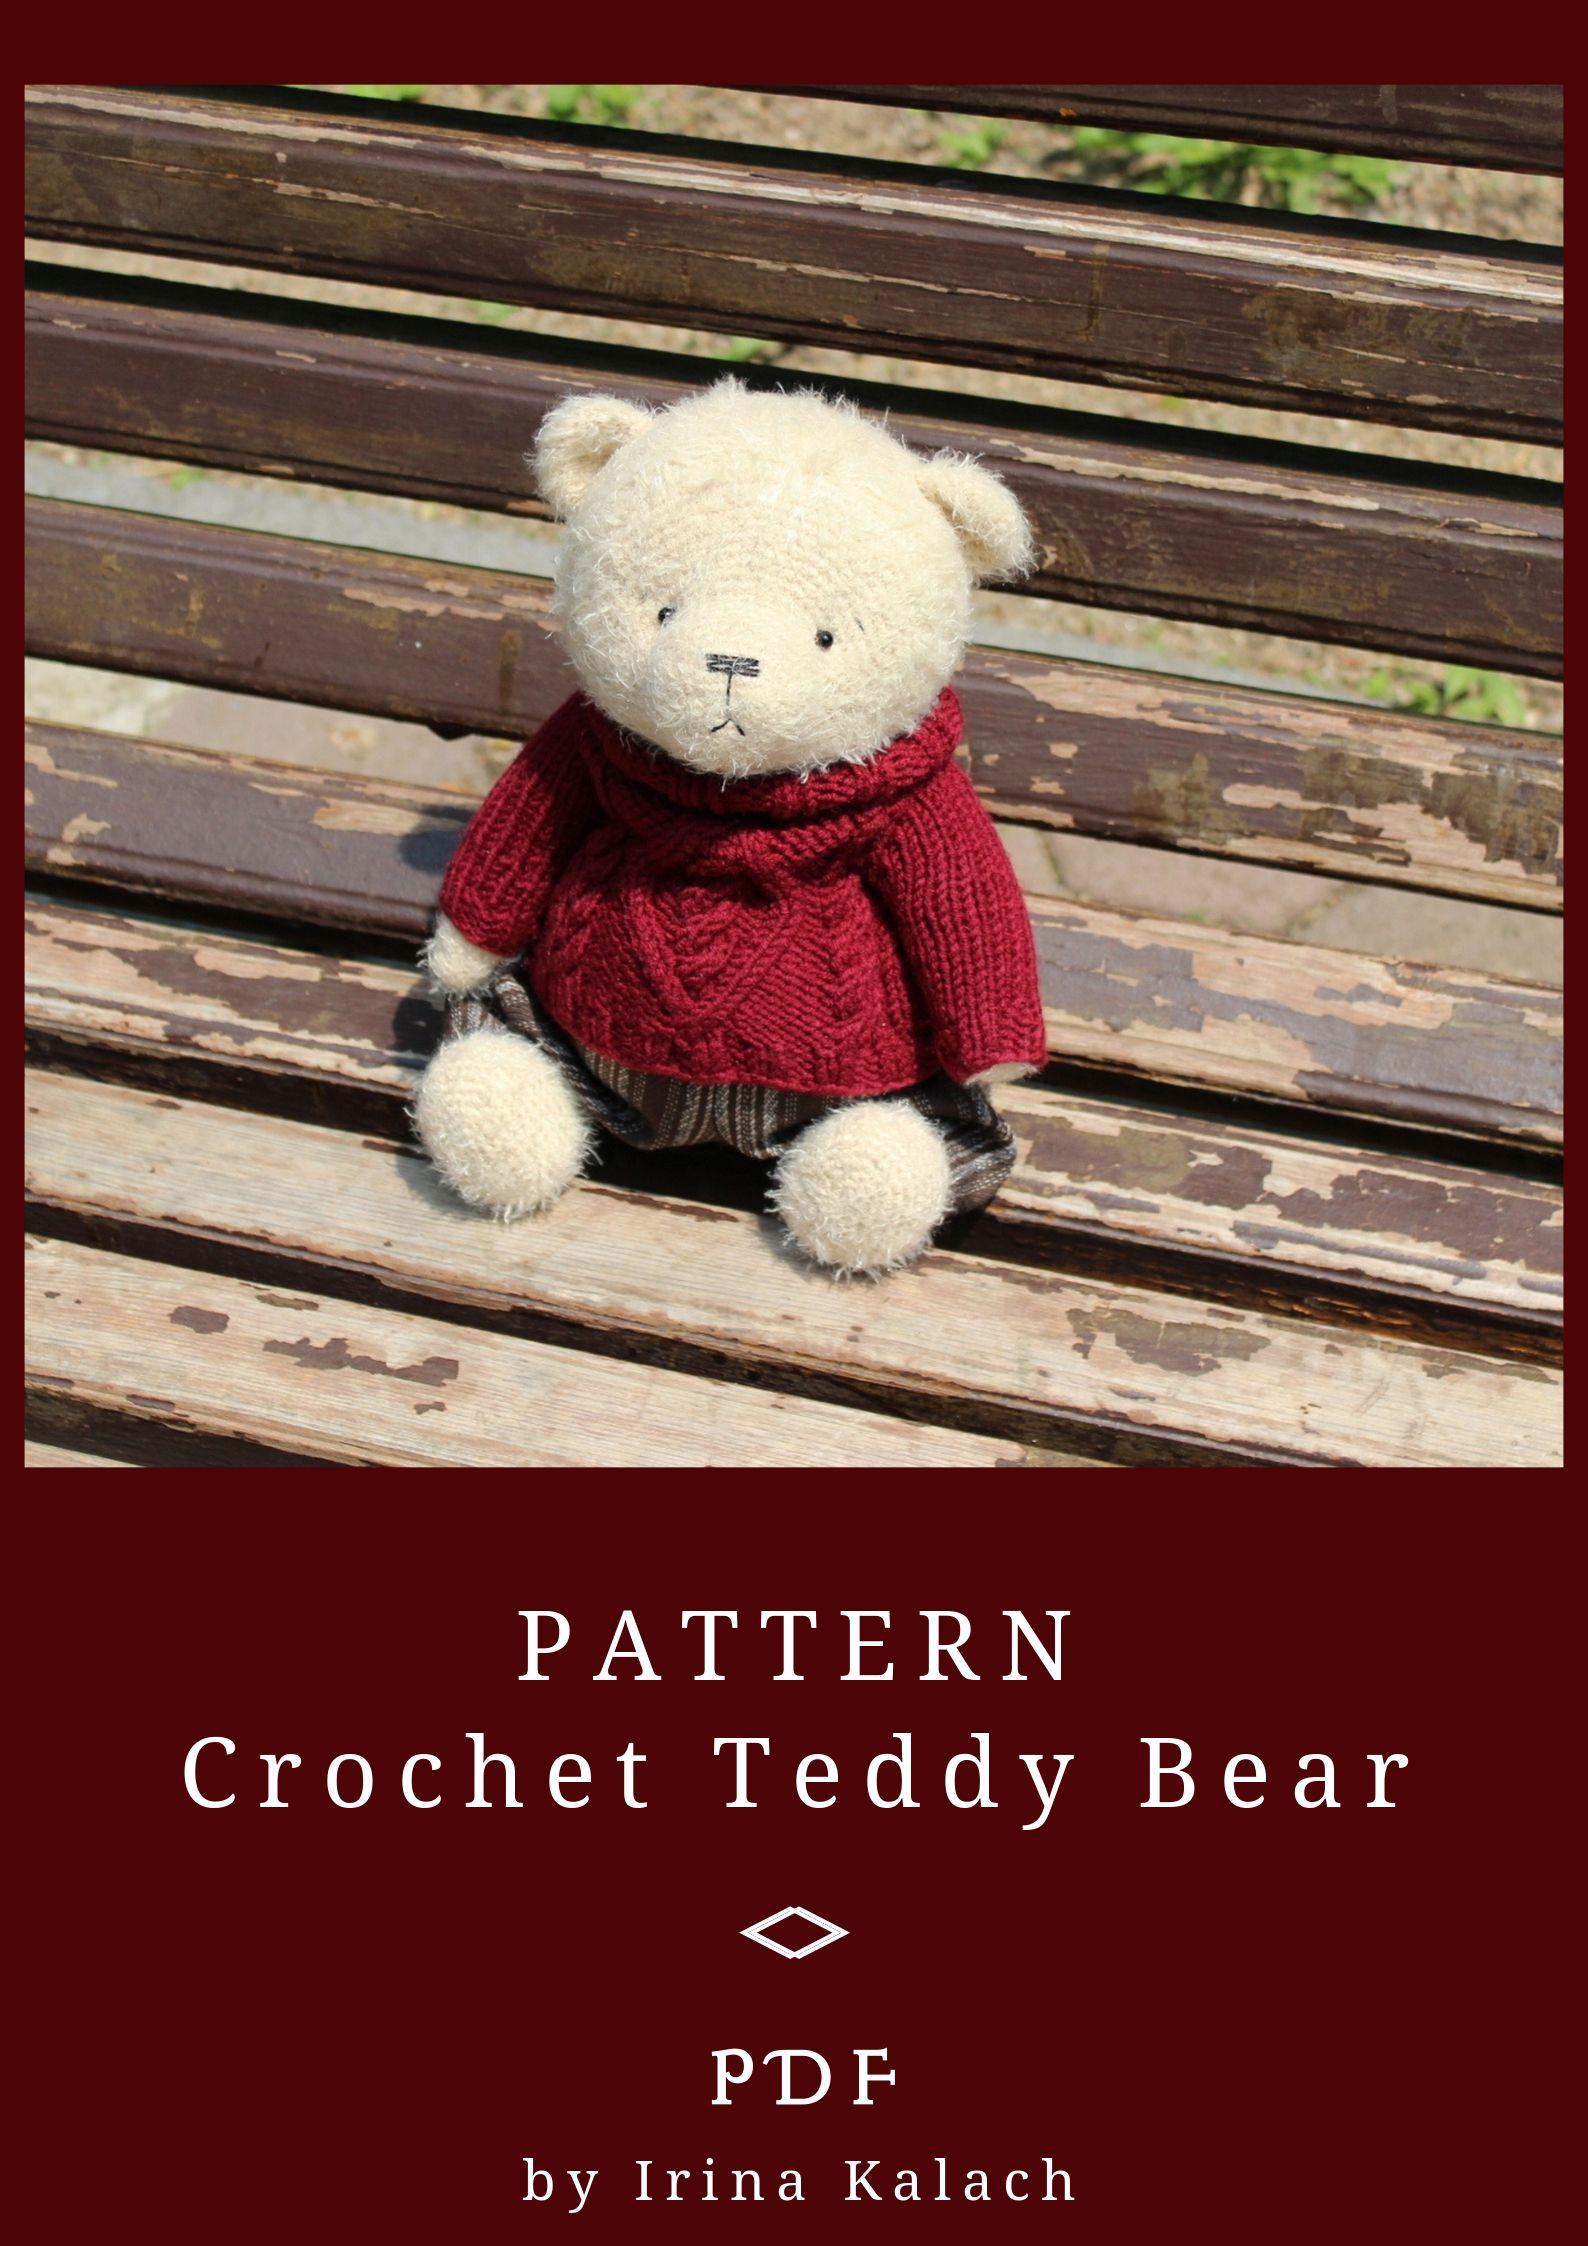 PATTERN Crochet Teddy bear. PATTERN Amigurumi Teddy bear. PATTERN Teddy Bears Outfits #crochetbear